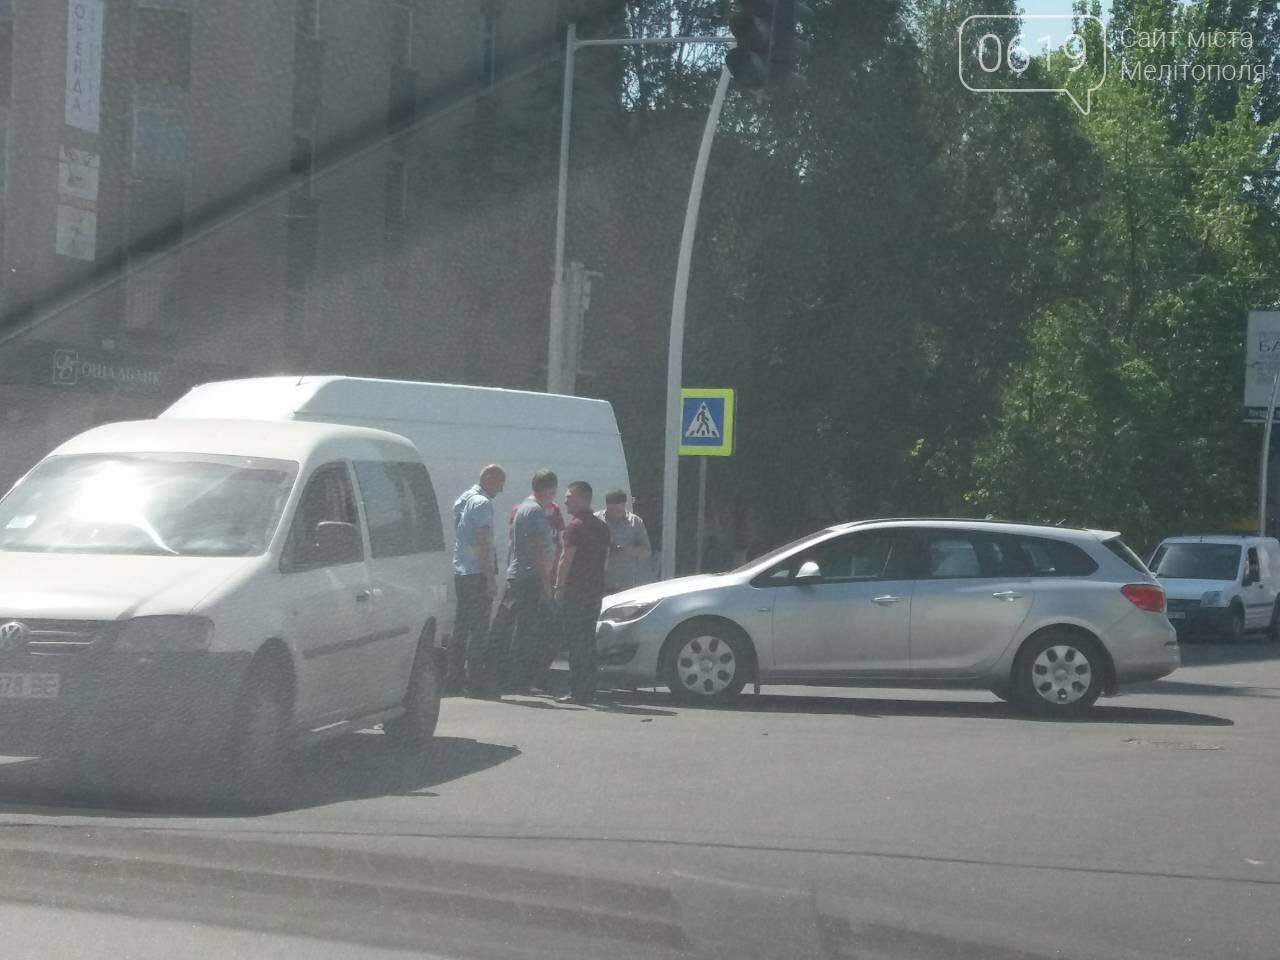 В Мелитополе столкнулись Volkswagen и Opel, - ФОТО, фото-3, Фото сайта 0619